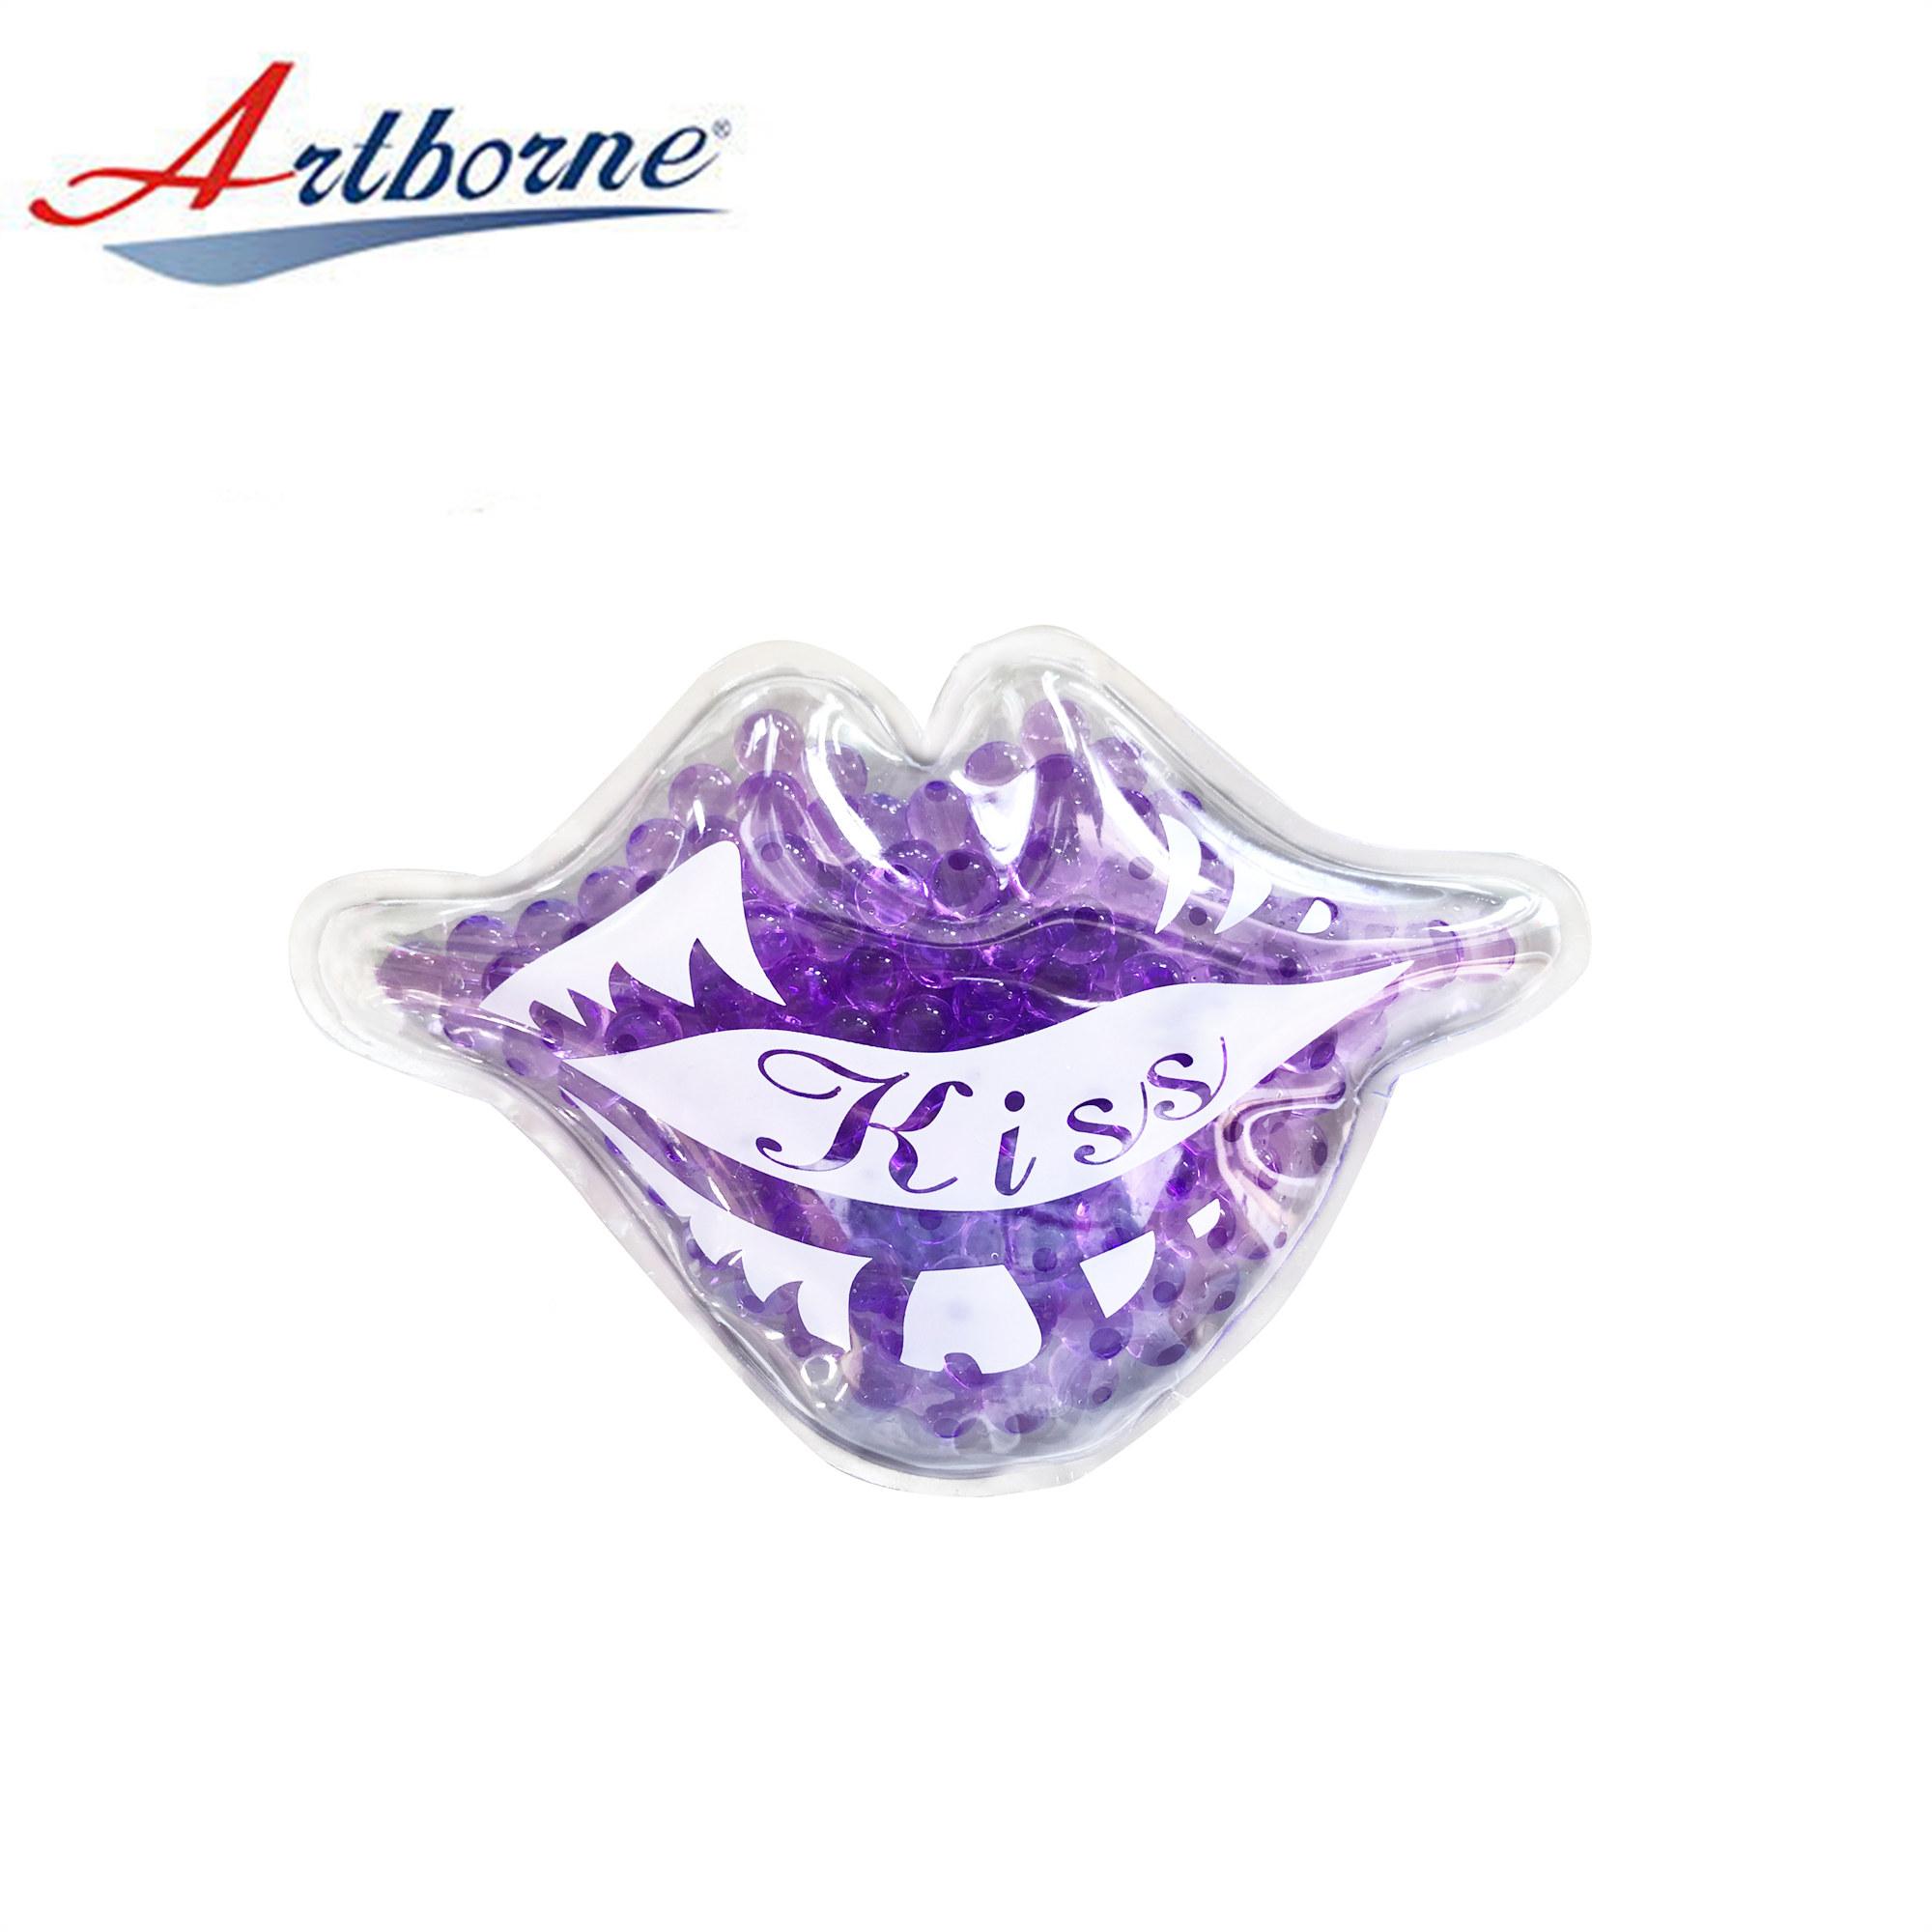 Artborne Array image126